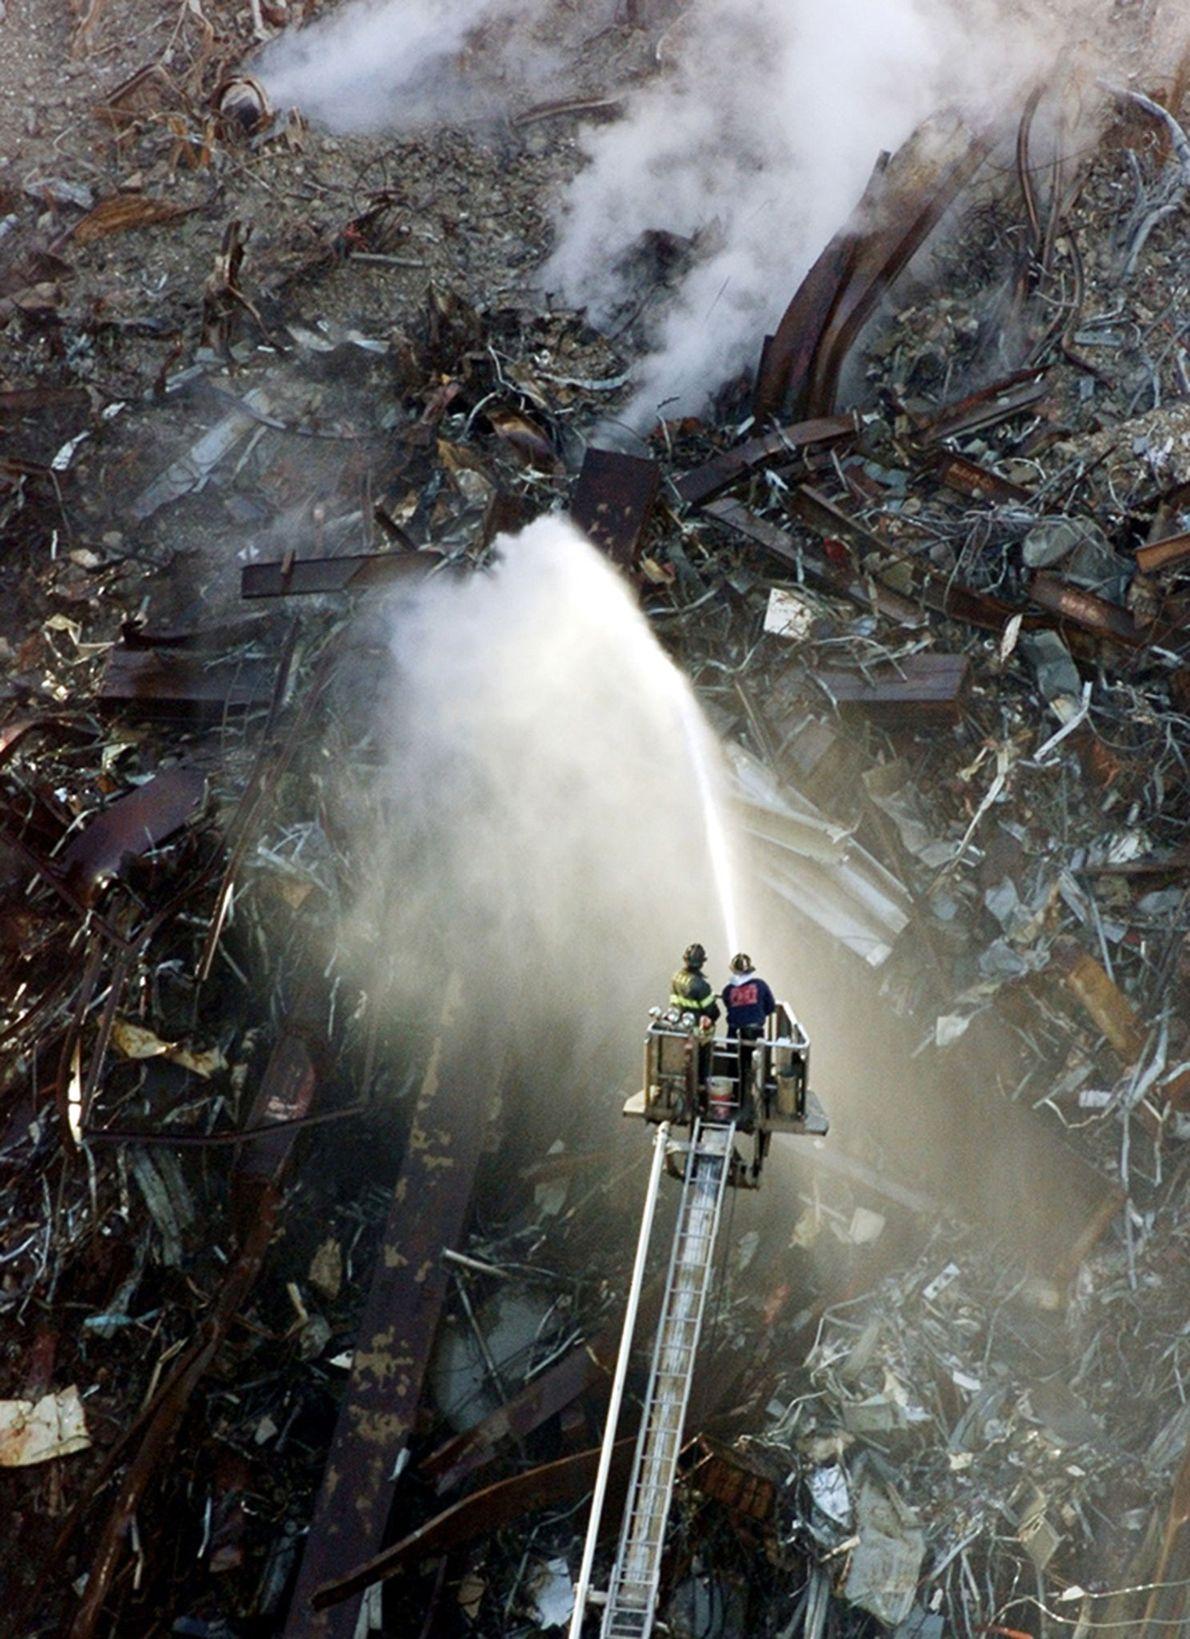 De la fumée sortant des décombres